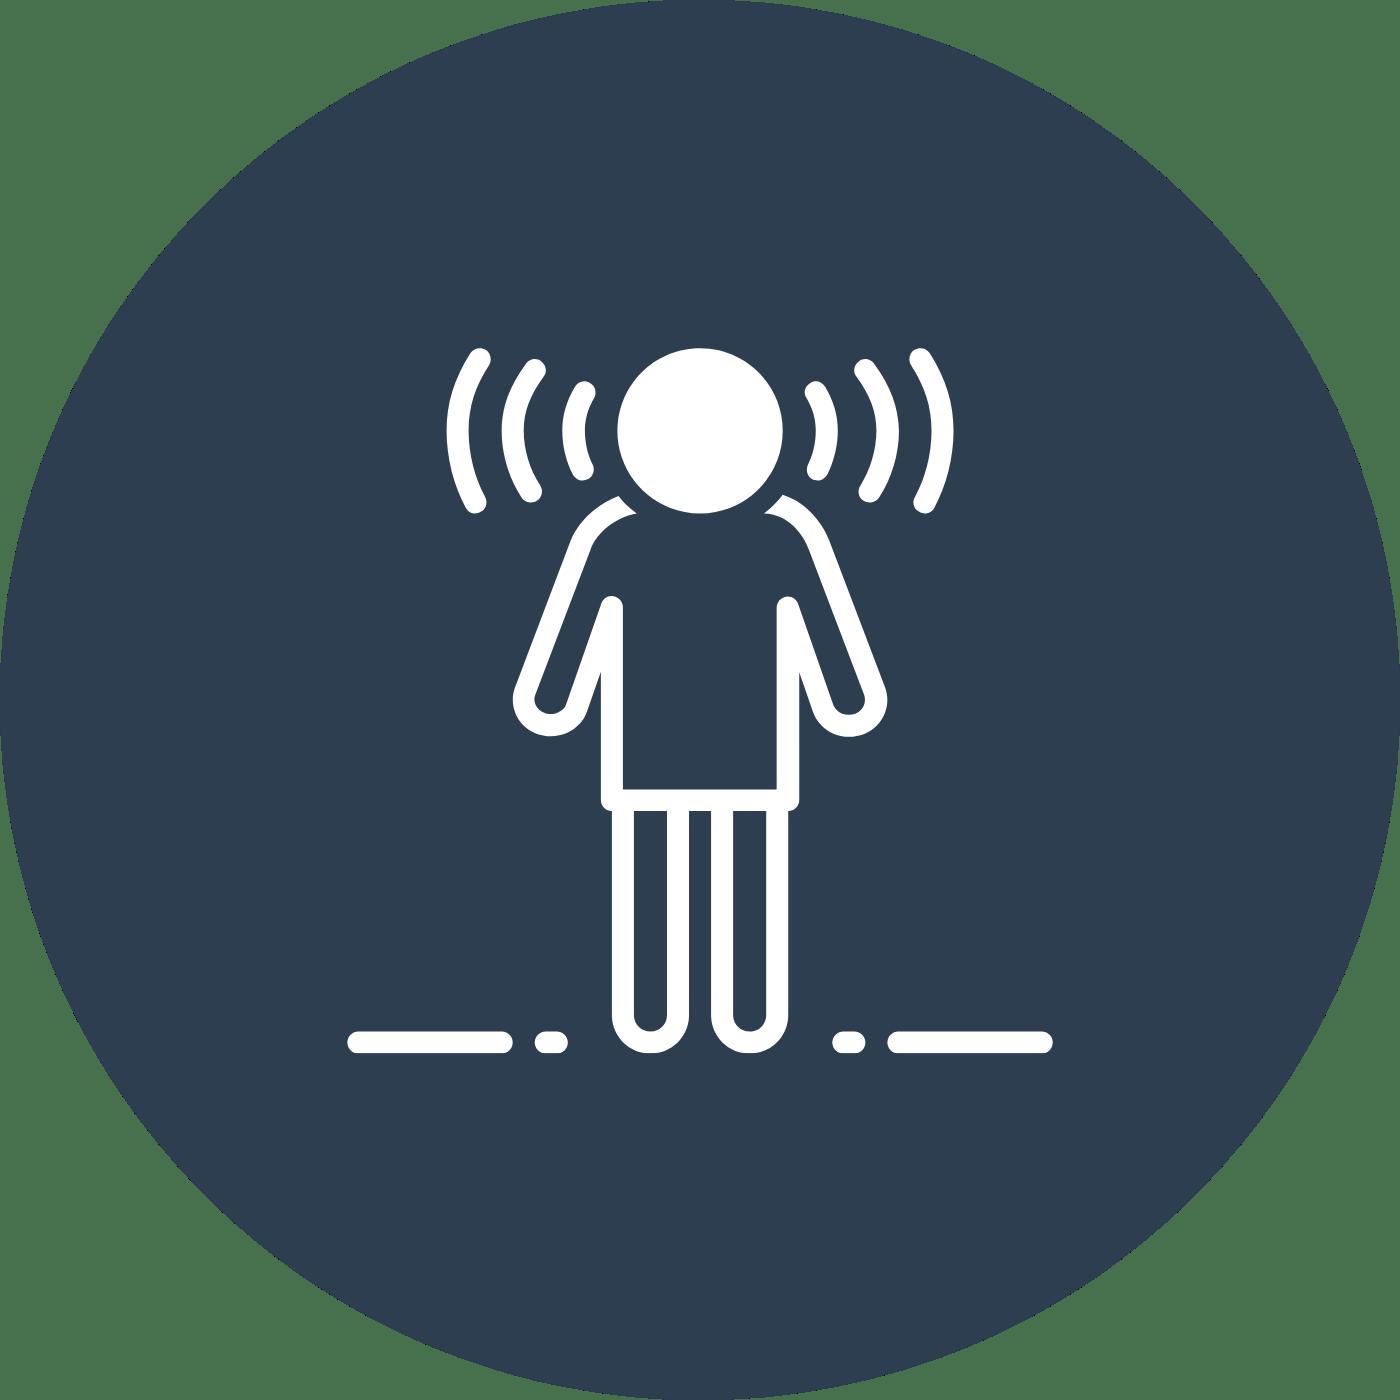 situational awareness icon